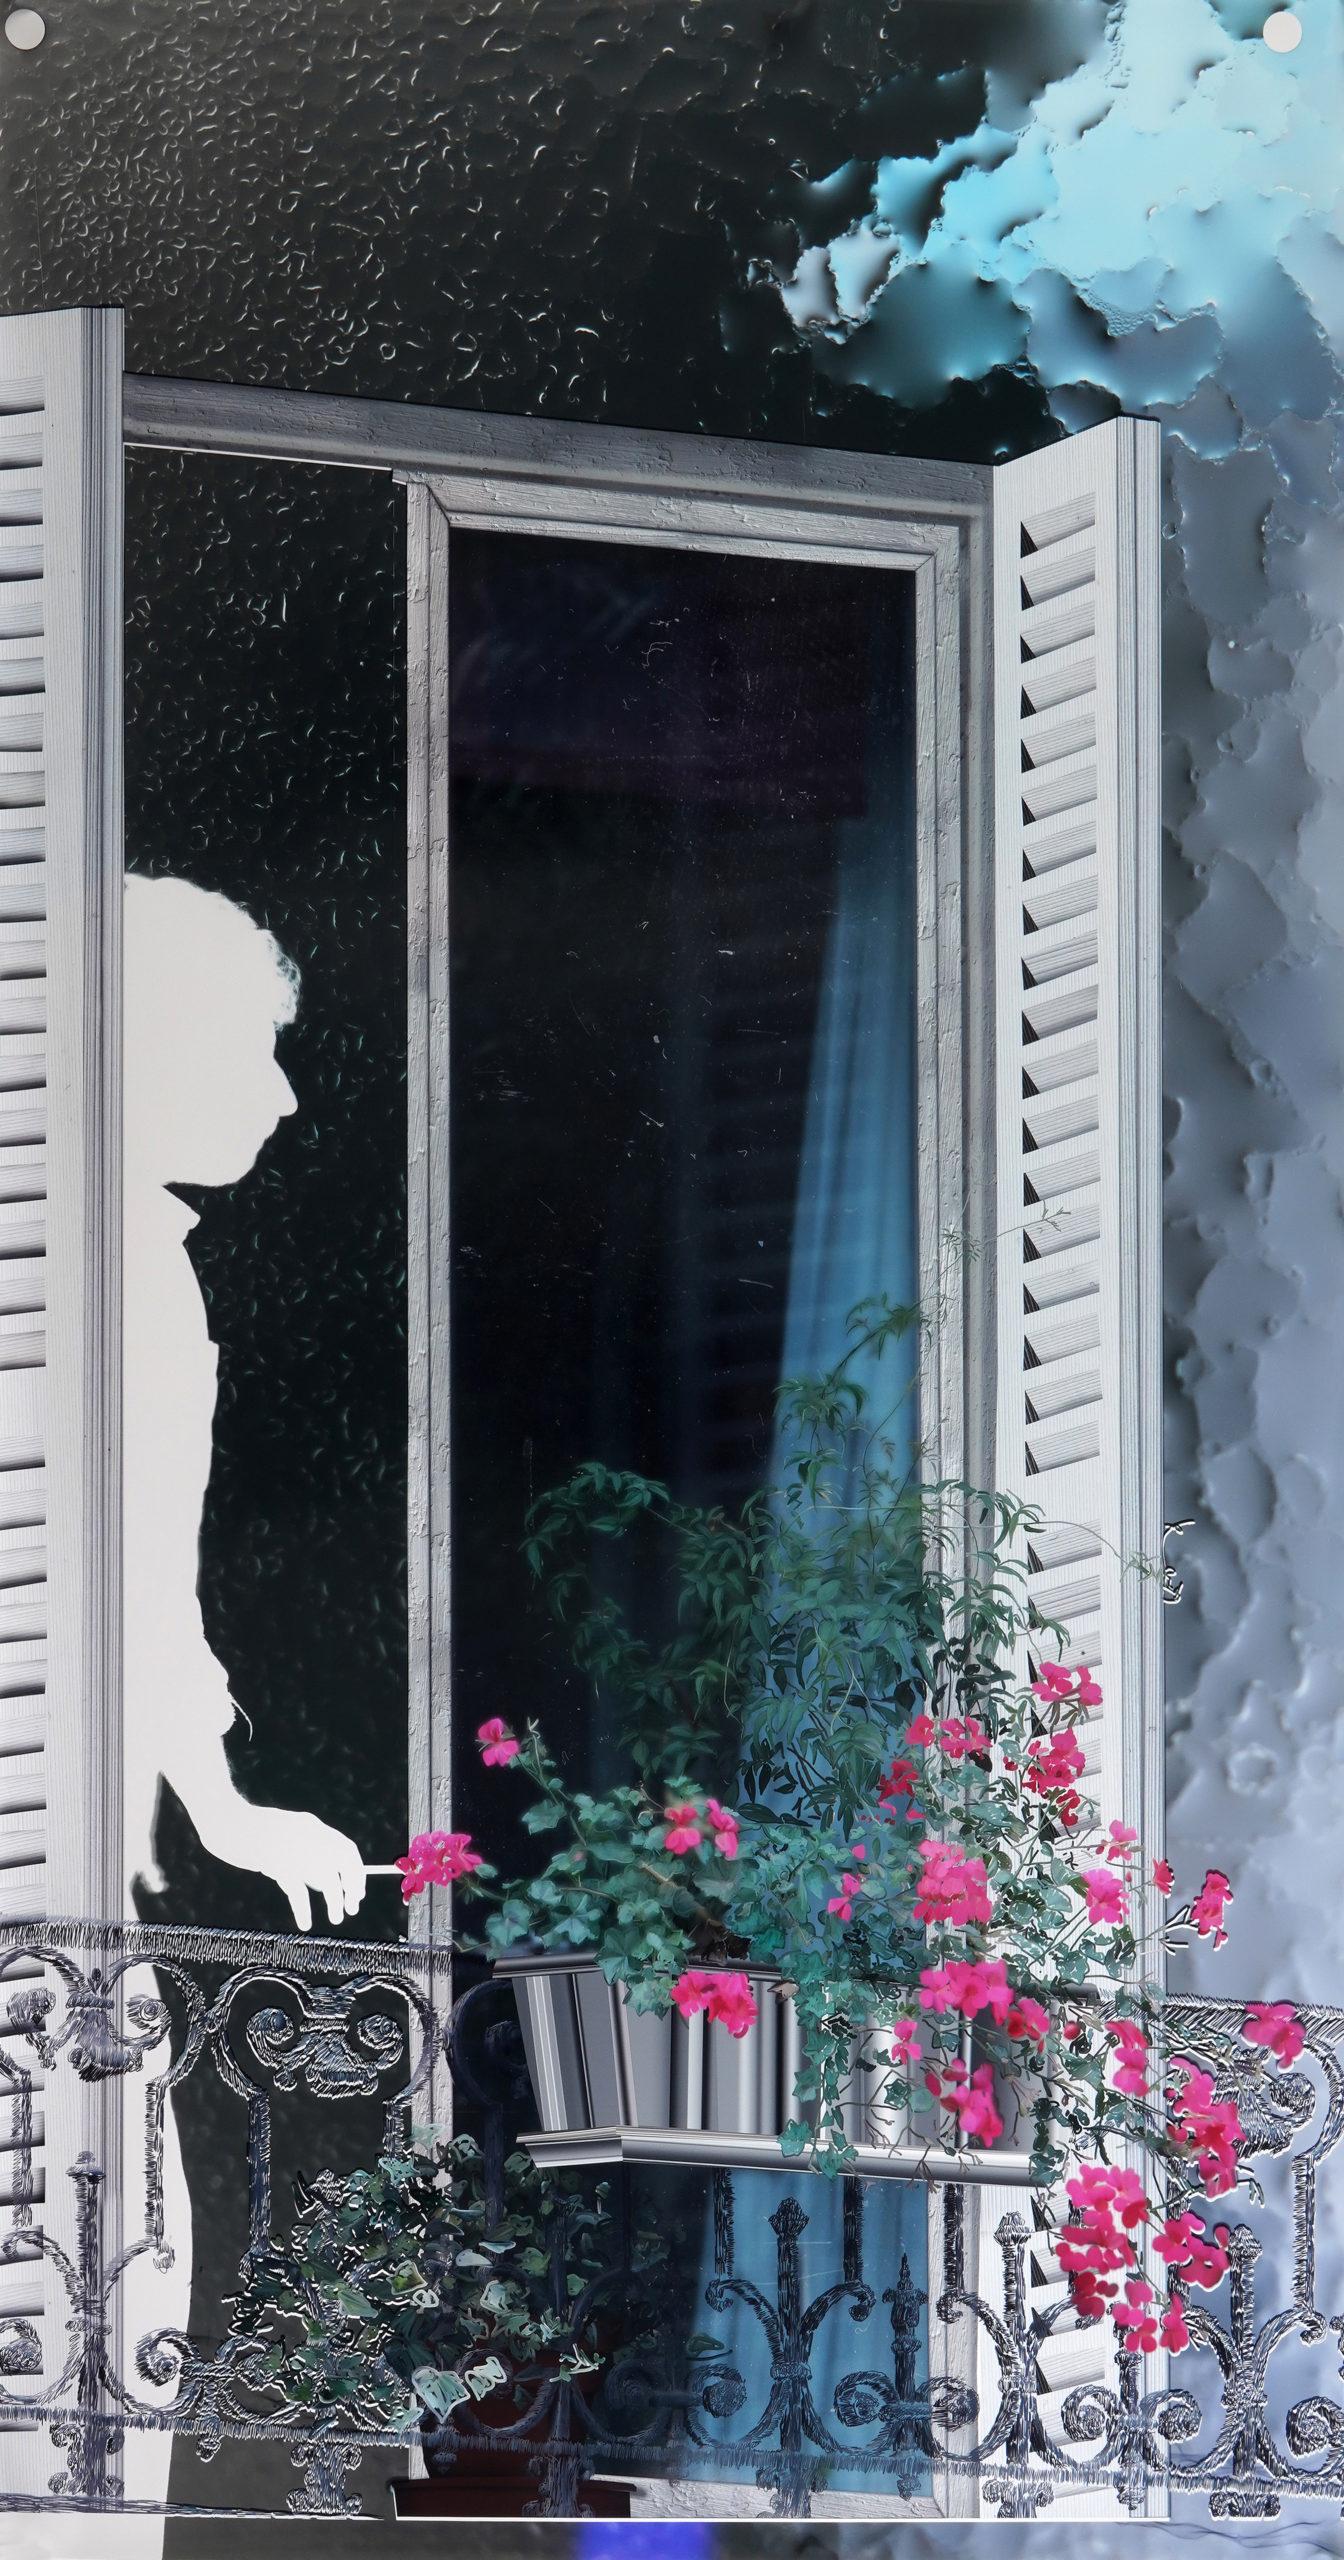 Baptiste Rabichon, «70 boulevard Saint-Marcel», 2017, 240 x 217 cm, série «Les balcons», épreuve chromogène unique, courtesy galerie Paris-Beijing, Paris.